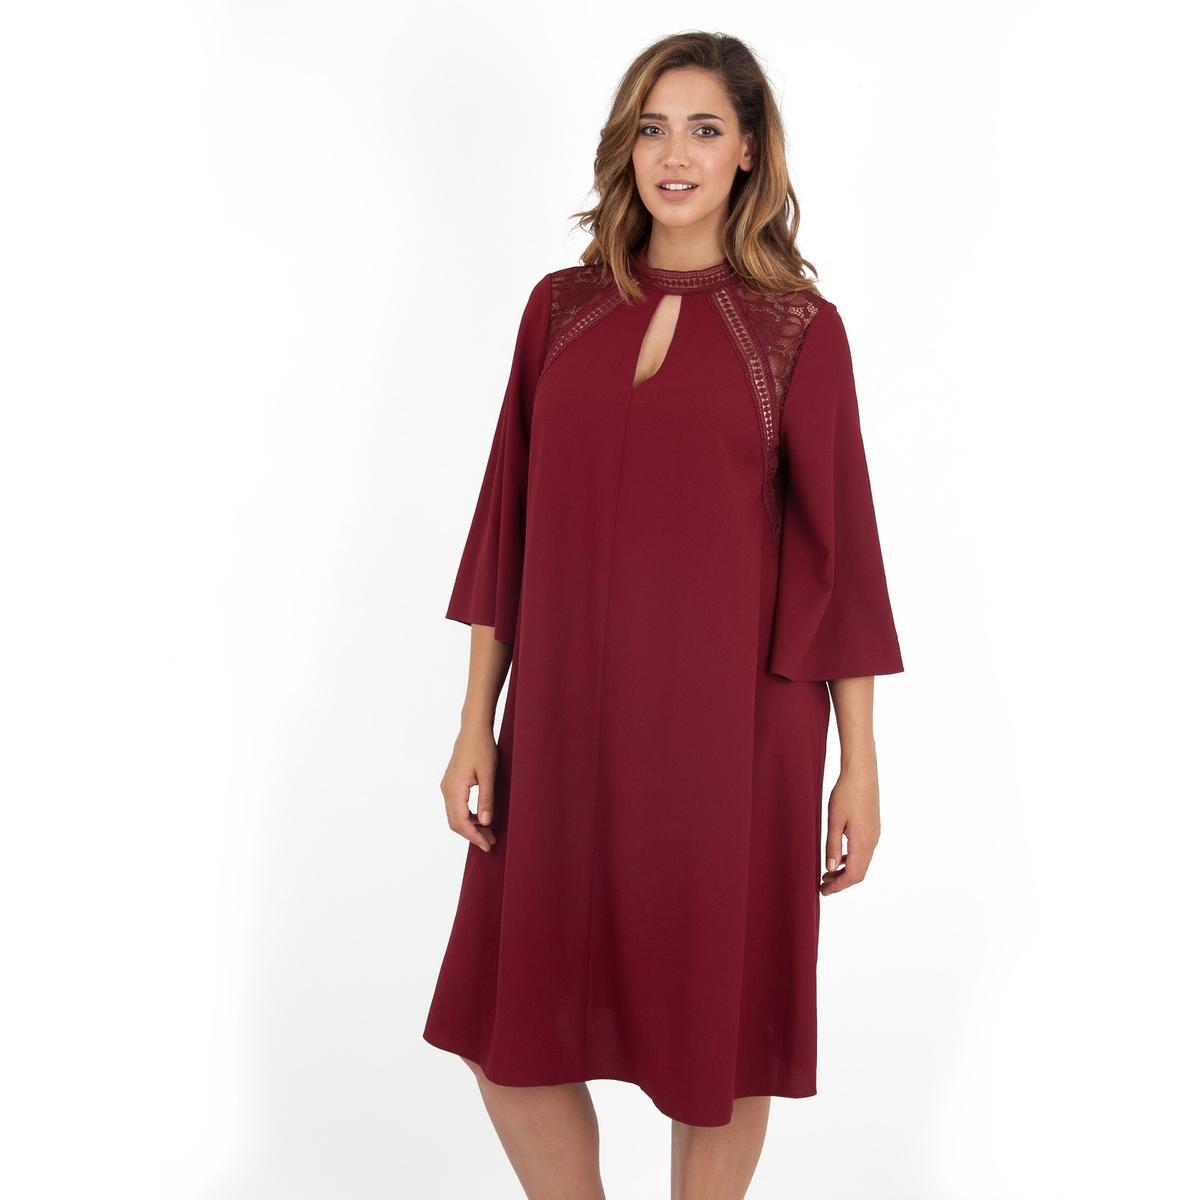 ПлатьеНебольшой разрез с кружевной вставкой сзади.<br><br>Цвет: бордовый<br>Размер: 48 (FR) - 54 (RUS)